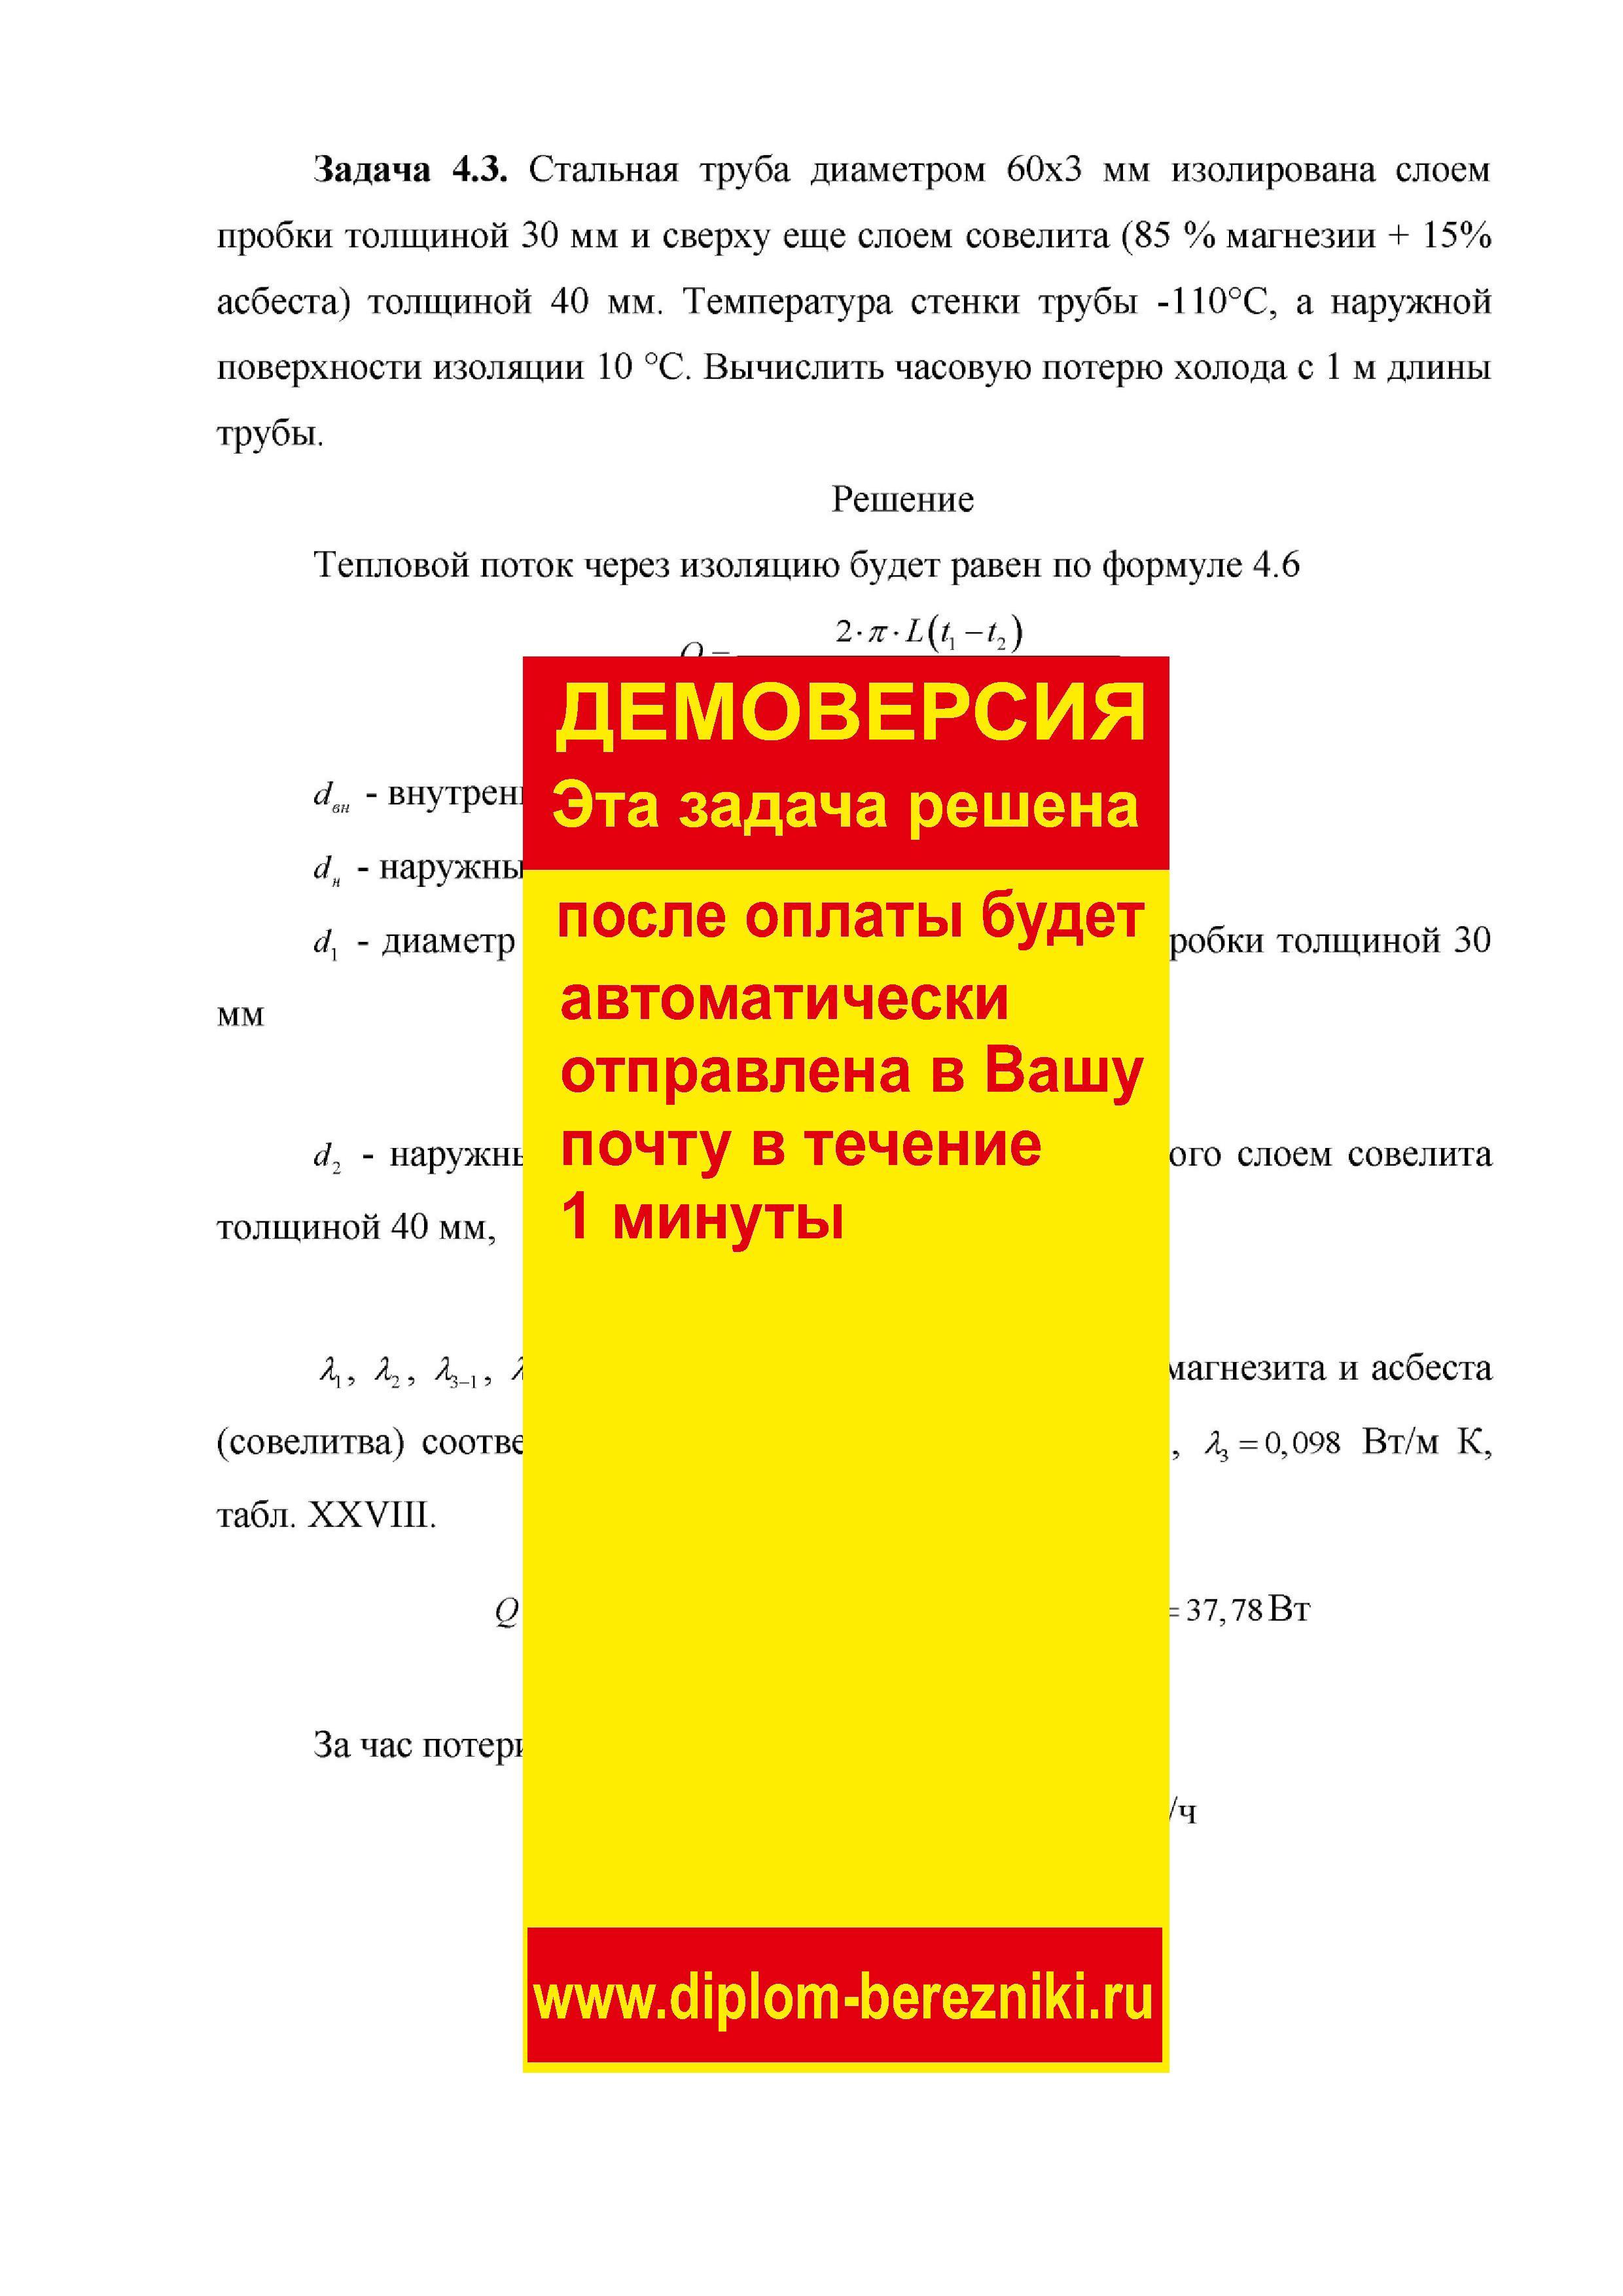 Решение задачи 4.3 по ПАХТ из задачника Павлова Романкова Носкова